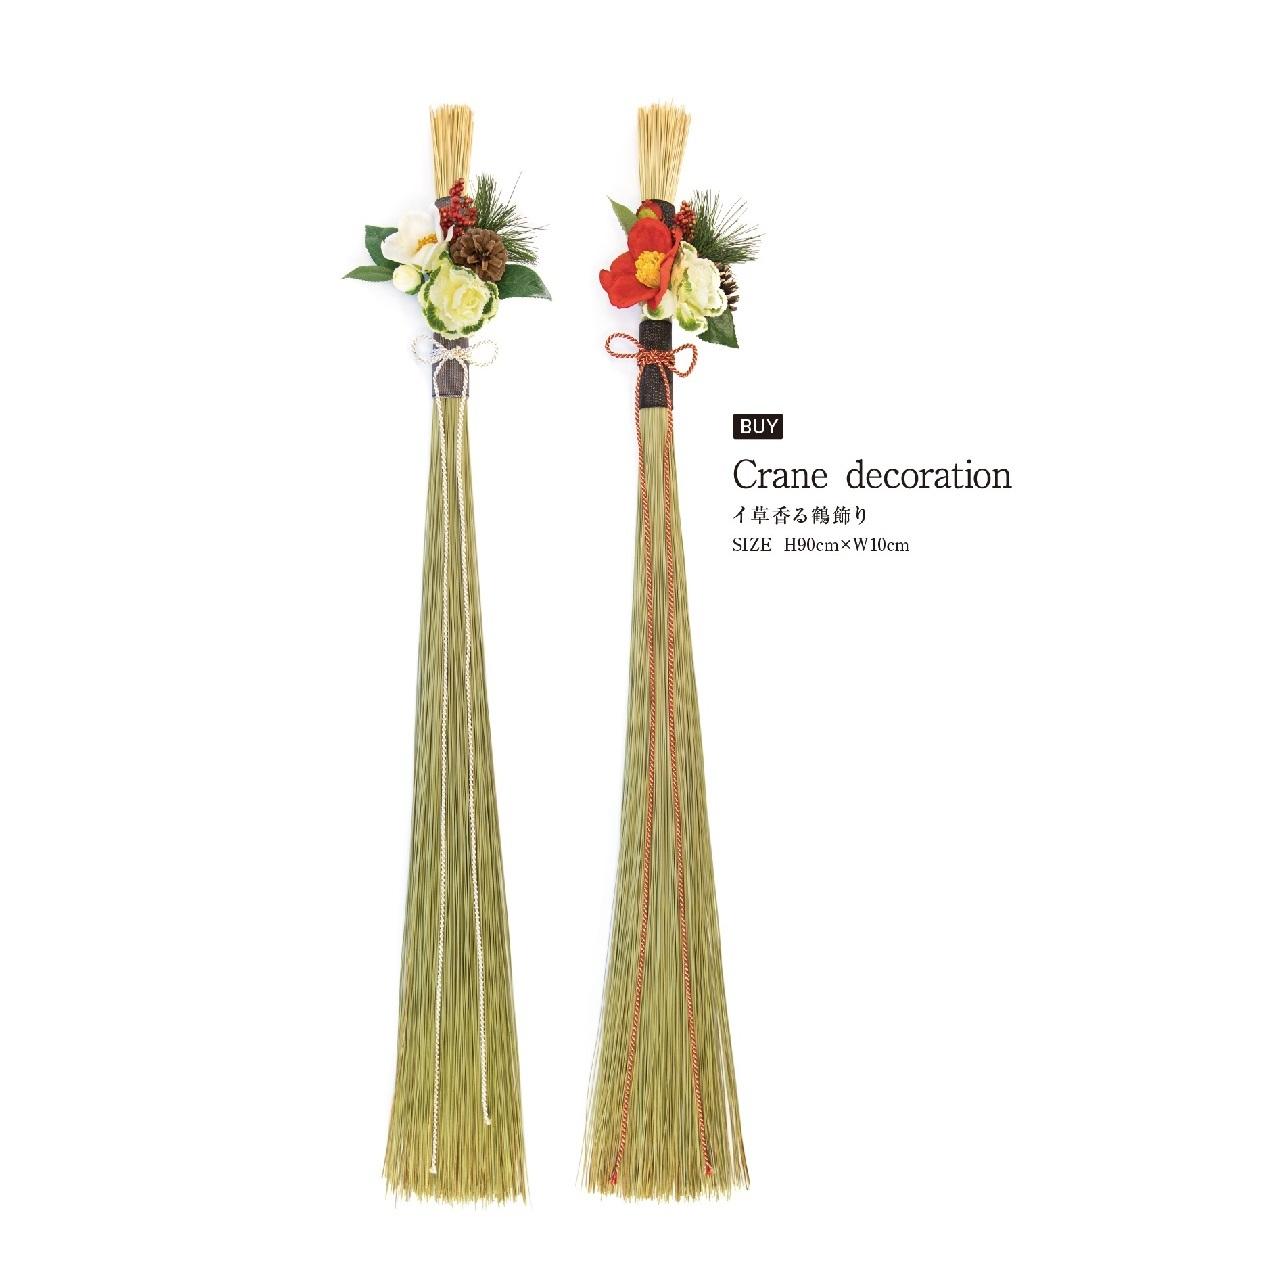 イ草香る鶴飾り